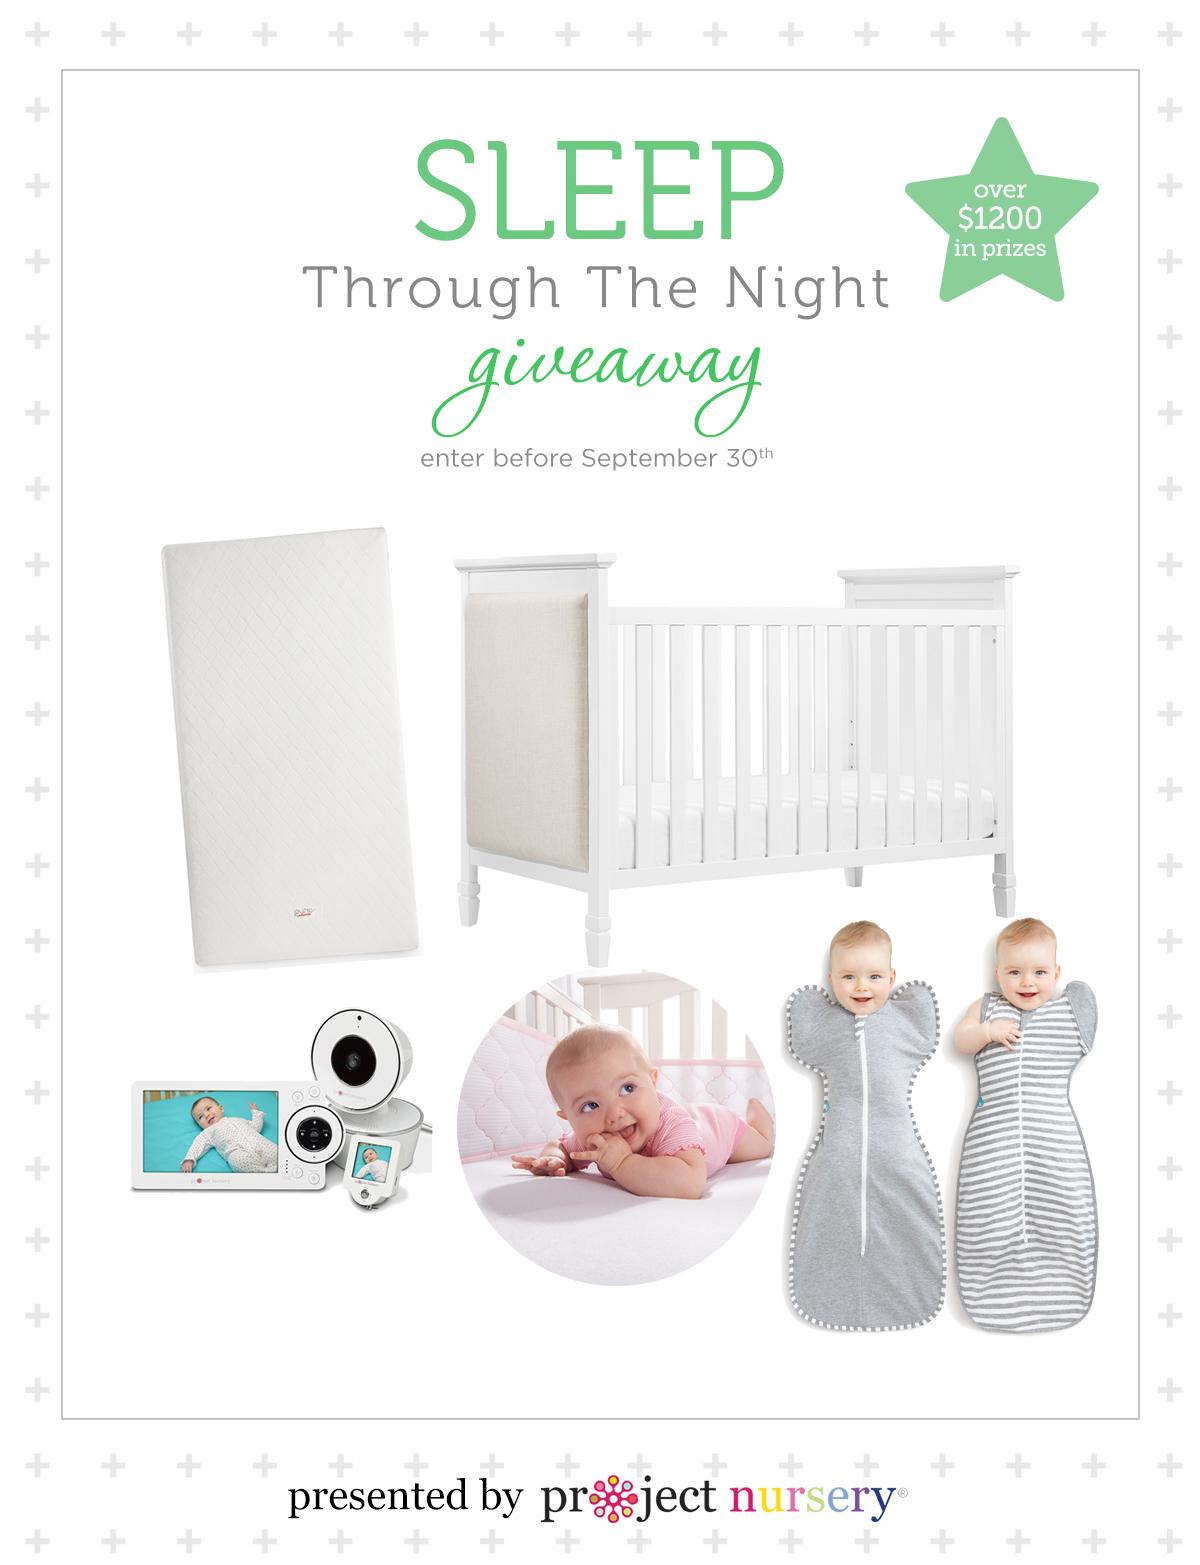 sleepsafe-prizes